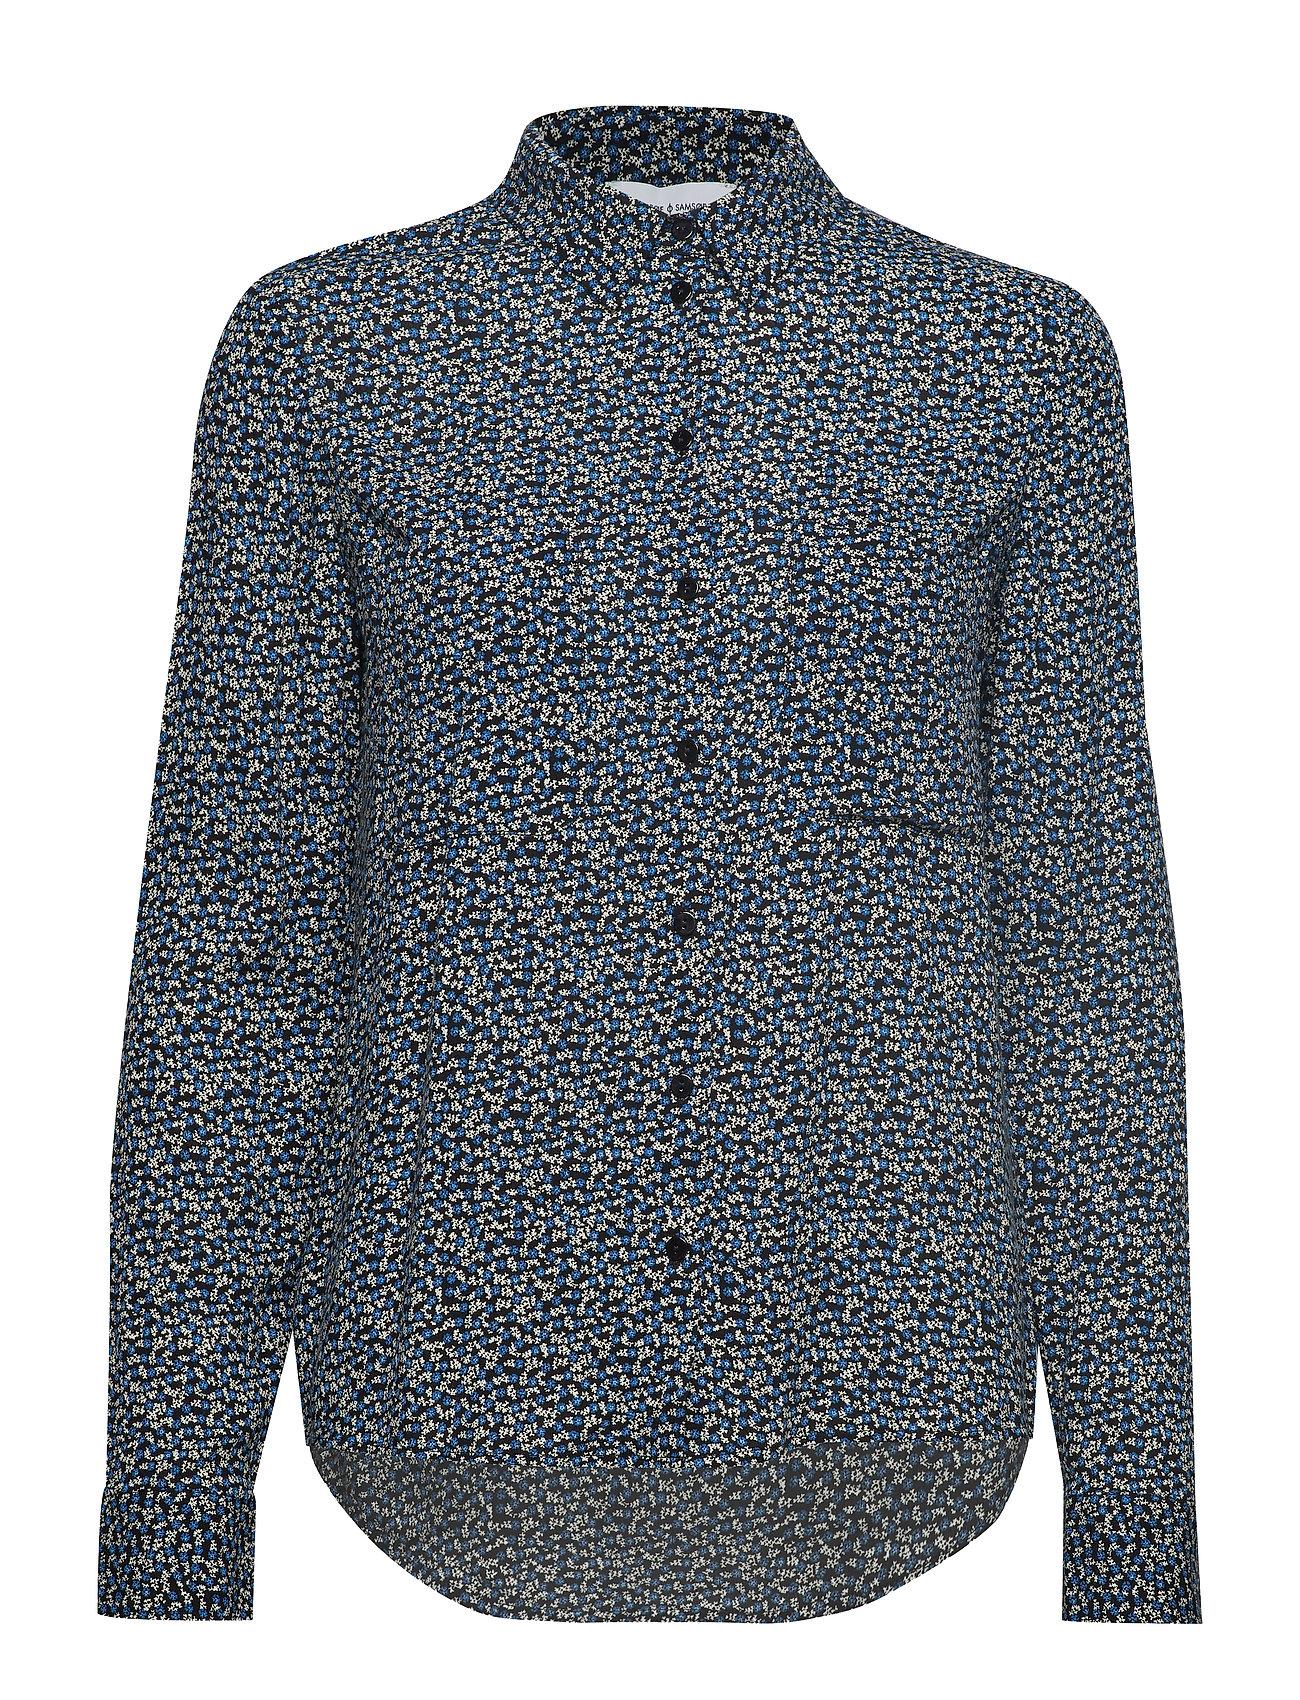 Samsøe & Samsøe Milly shirt aop 7201 - BLUE TWIGGY